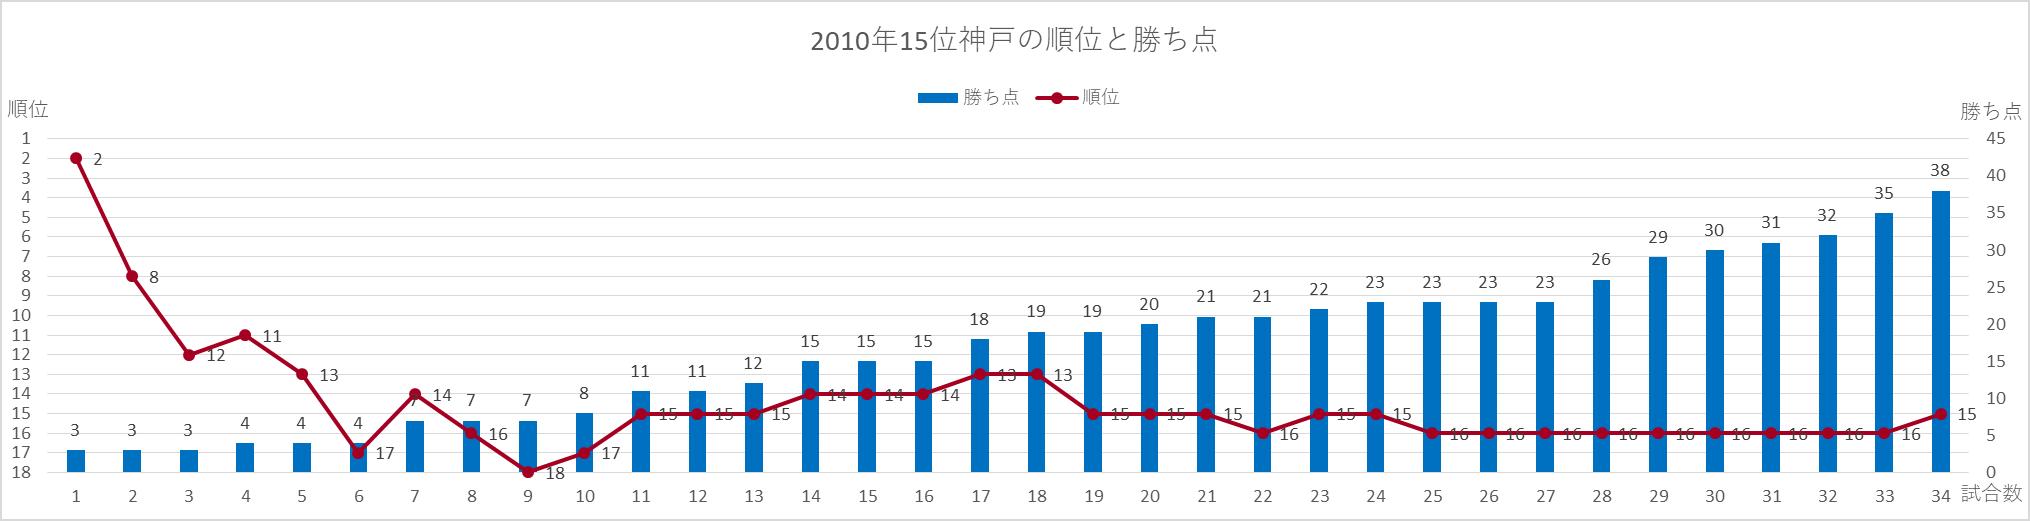 2010神戸の順位と勝ち点の推移